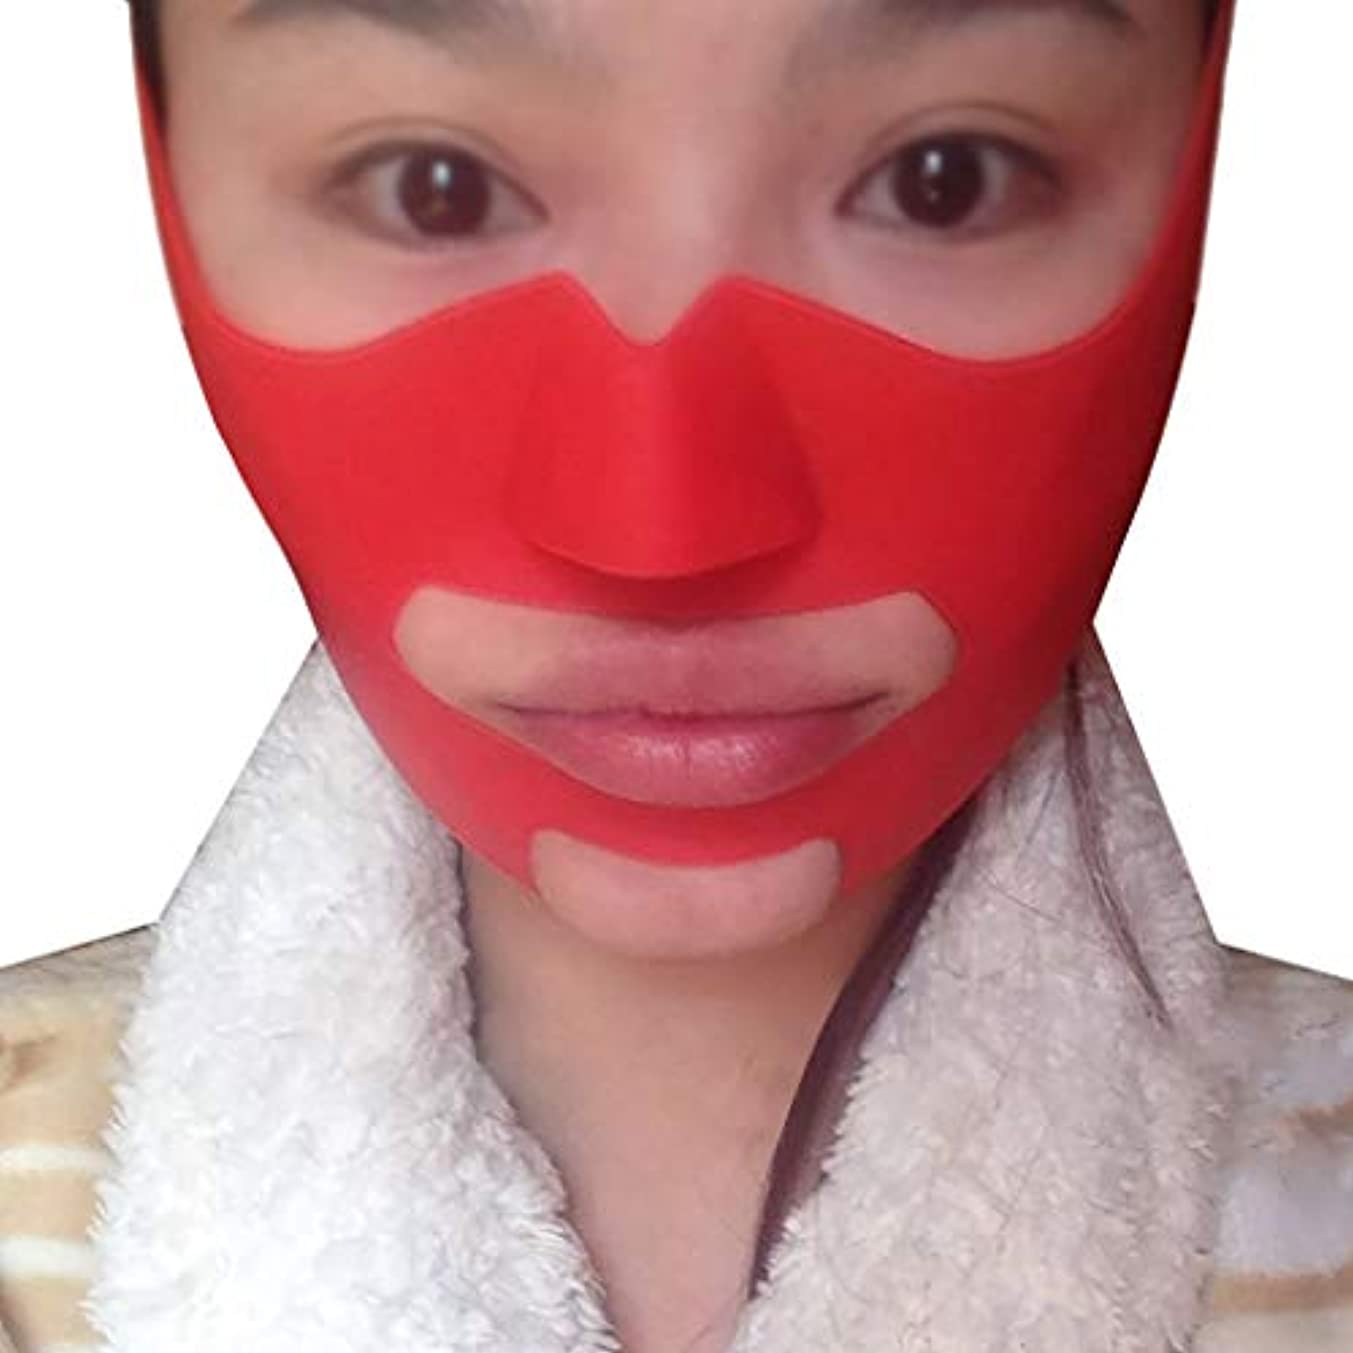 書士使用法はっきりとTLMY 薄いフェイスマスクシリコーンVマスクマスク強い痩身咬合筋肉トレーナーアップル筋肉法令パターンアーティファクト小さなVフェイス包帯薄いフェイスネックリフト 顔用整形マスク